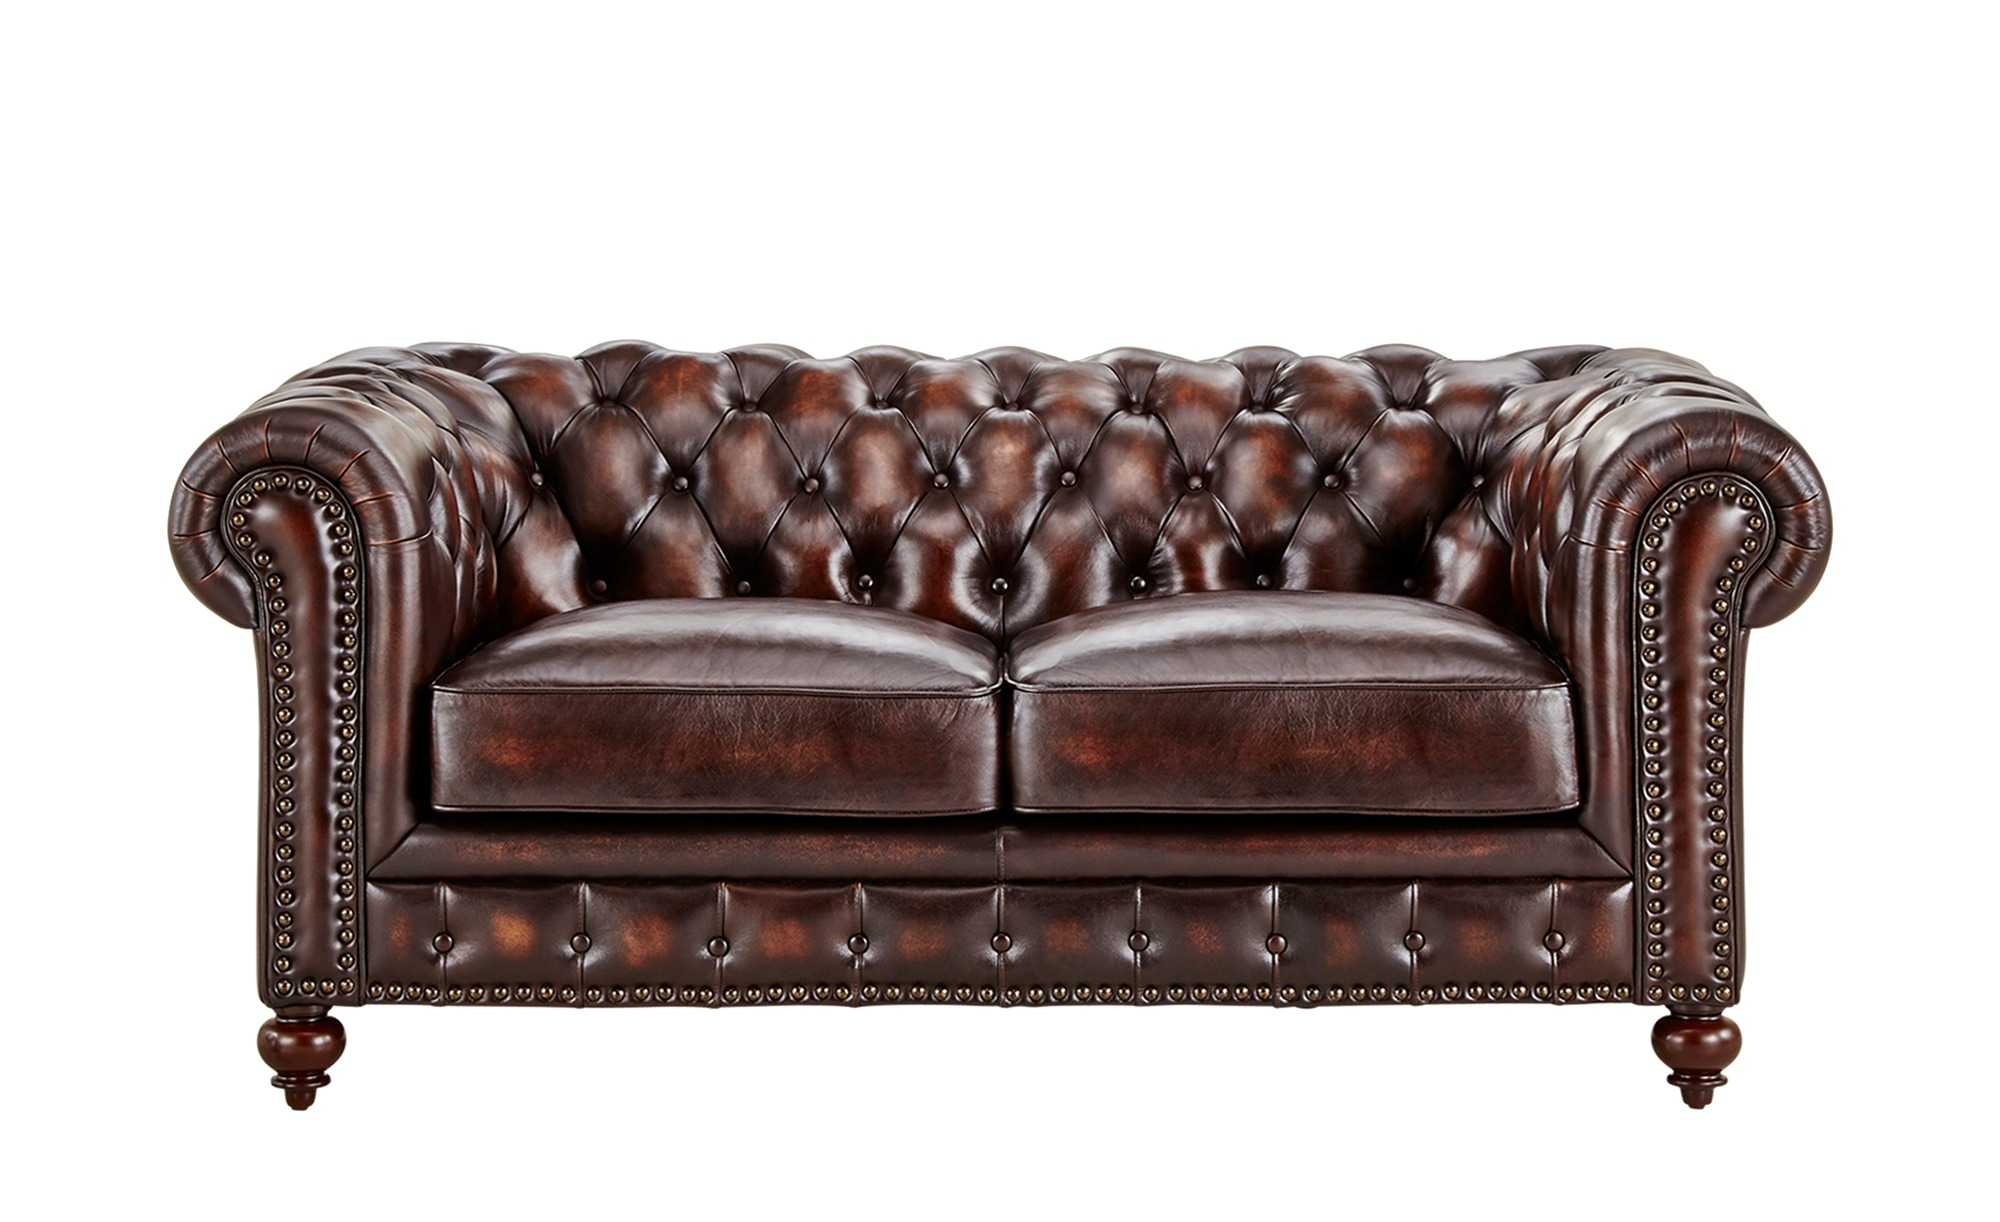 uno Sofa 2-sitzig braun - Leder Chesterfield ¦ braun ¦ Maße (cm): B: 183 H: 80 T: 100 Polstermöbel > Sofas > 2-Sitzer - Höffner